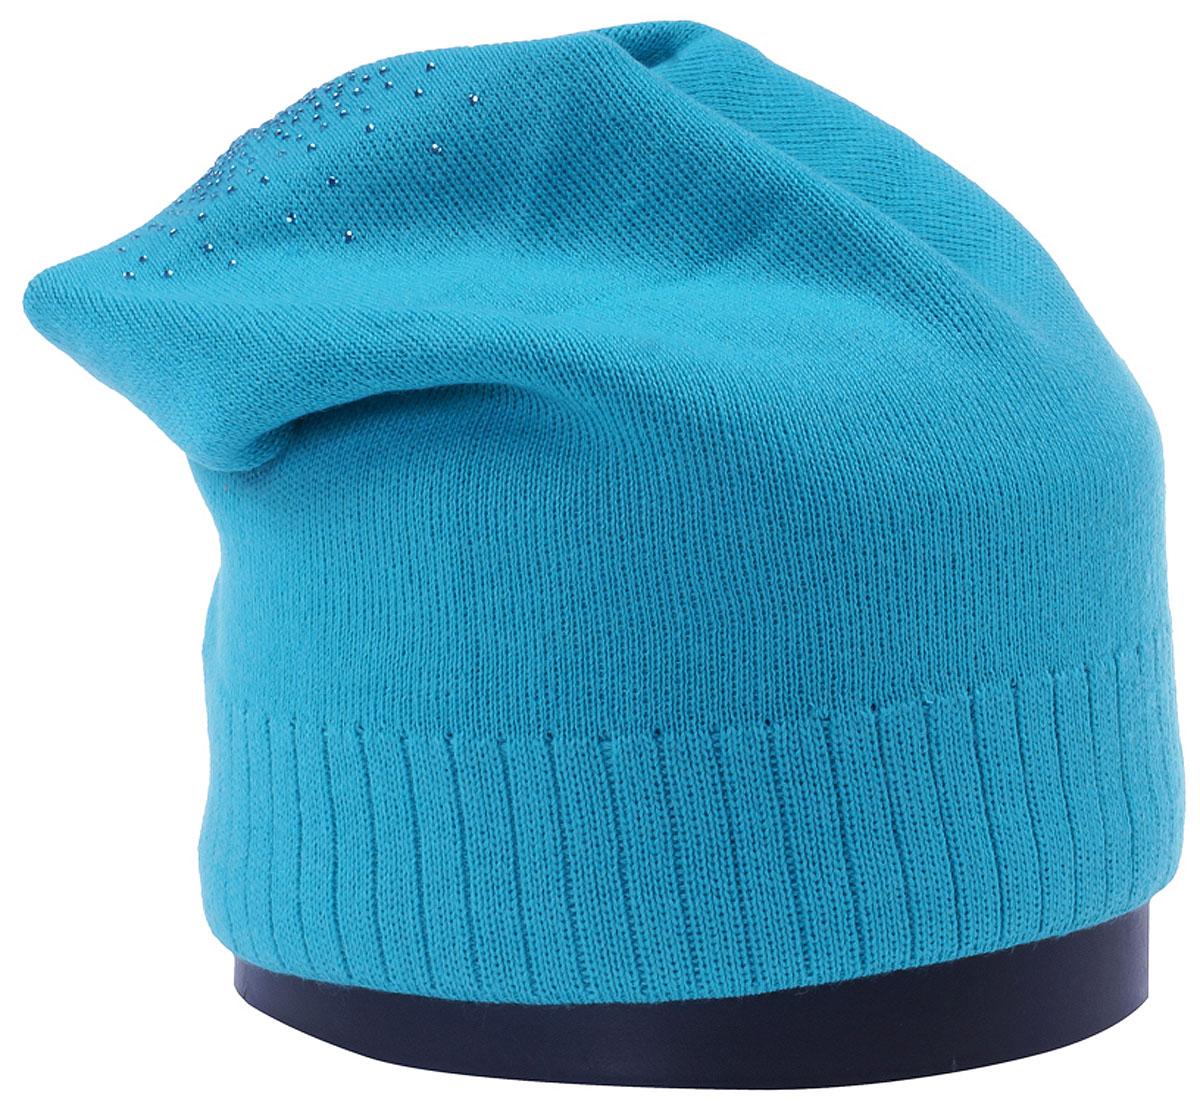 Шапка женская Vittorio Richi, цвет: ярко-бирюзовый. Aut141902C-89/17. Размер 56/58Aut141902CУдлиненная женская шапка Vittorio Richi отлично дополнит ваш образ в холодную погоду. Модель, изготовленная из шерсти с добавлением полиамида, максимально сохраняет тепло и обеспечивает удобную посадку. Шапка декорирована сзади узором из страз. Привлекательная стильная шапка подчеркнет ваш неповторимый стиль и индивидуальность.